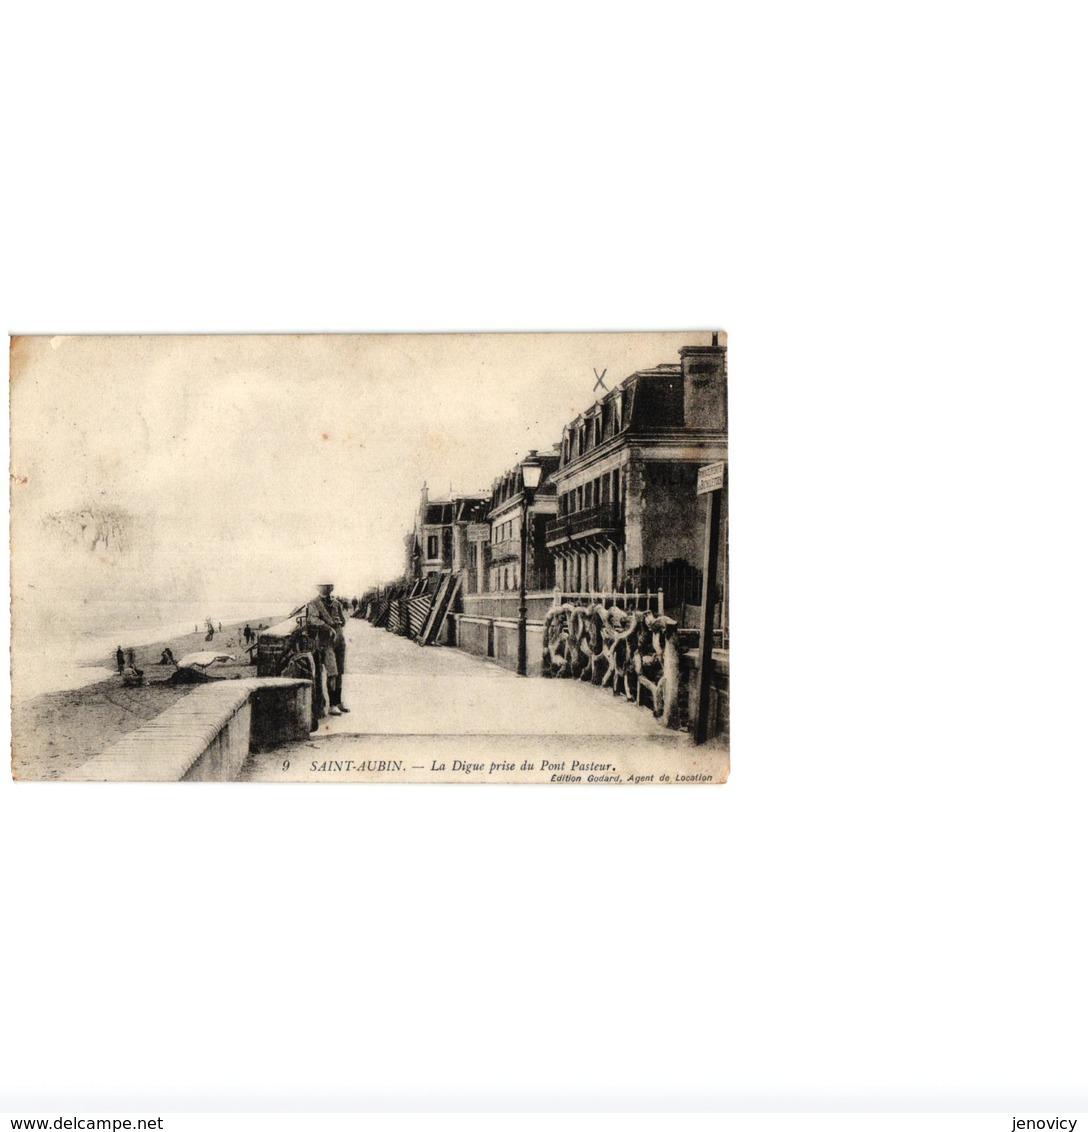 SAINT AUBIN,DIGUE PRISE DU PONT PASTEUR,CACHET HOPITAL COMPLEMENT N°32 REF 60208 - Saint Aubin